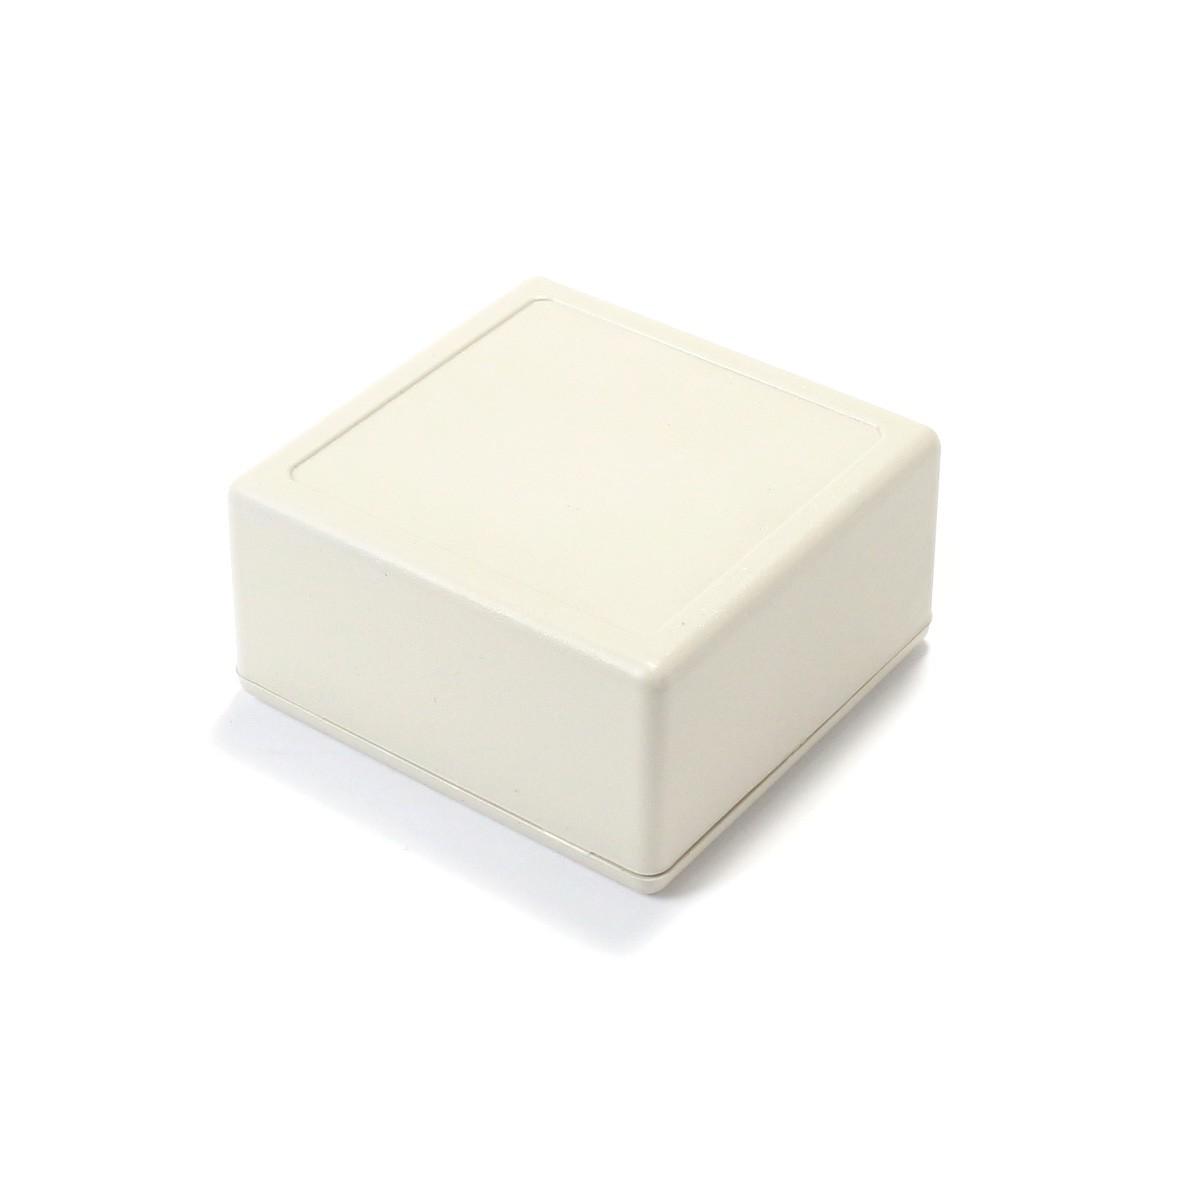 Boîtier Plastique pour Composants Électroniques Blanc 58x56x28mm